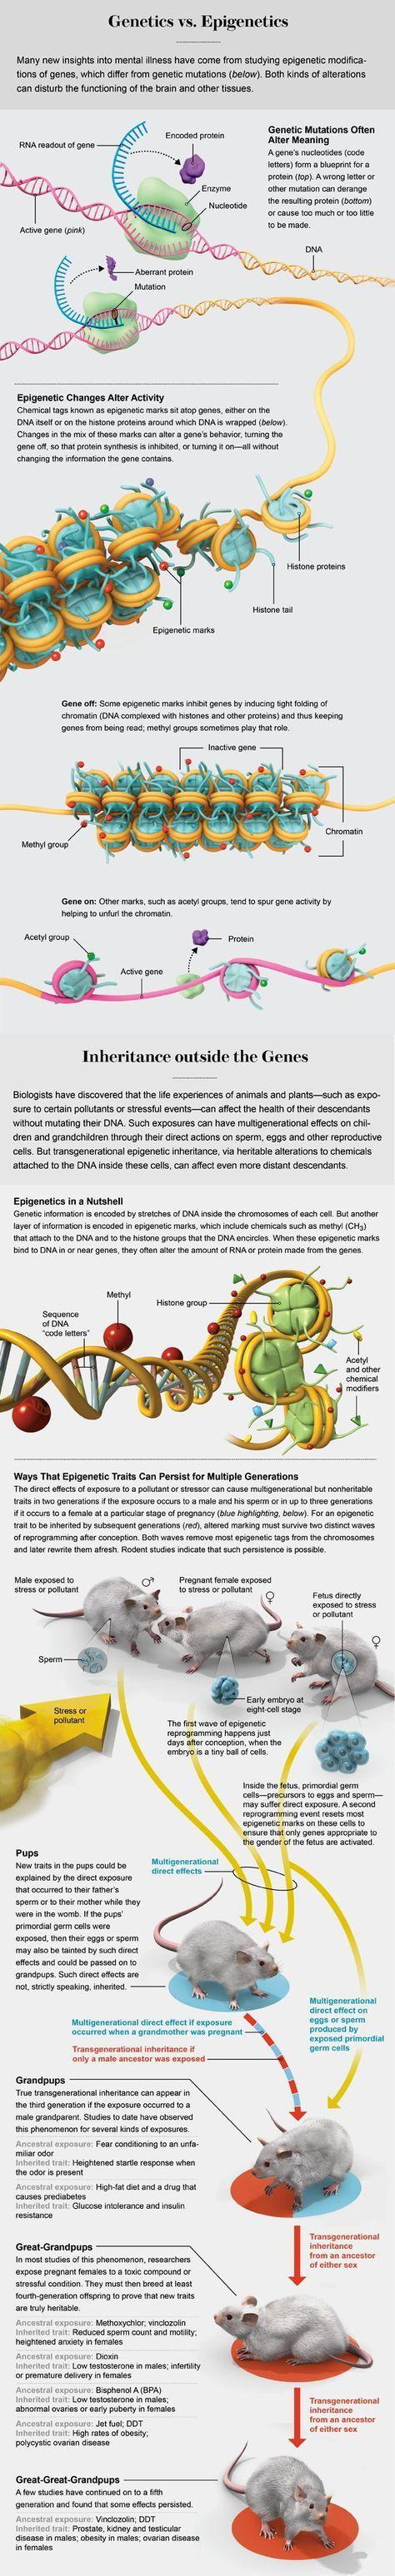 Gene Regulation, Illustrated                                                                                                                                                                                 More